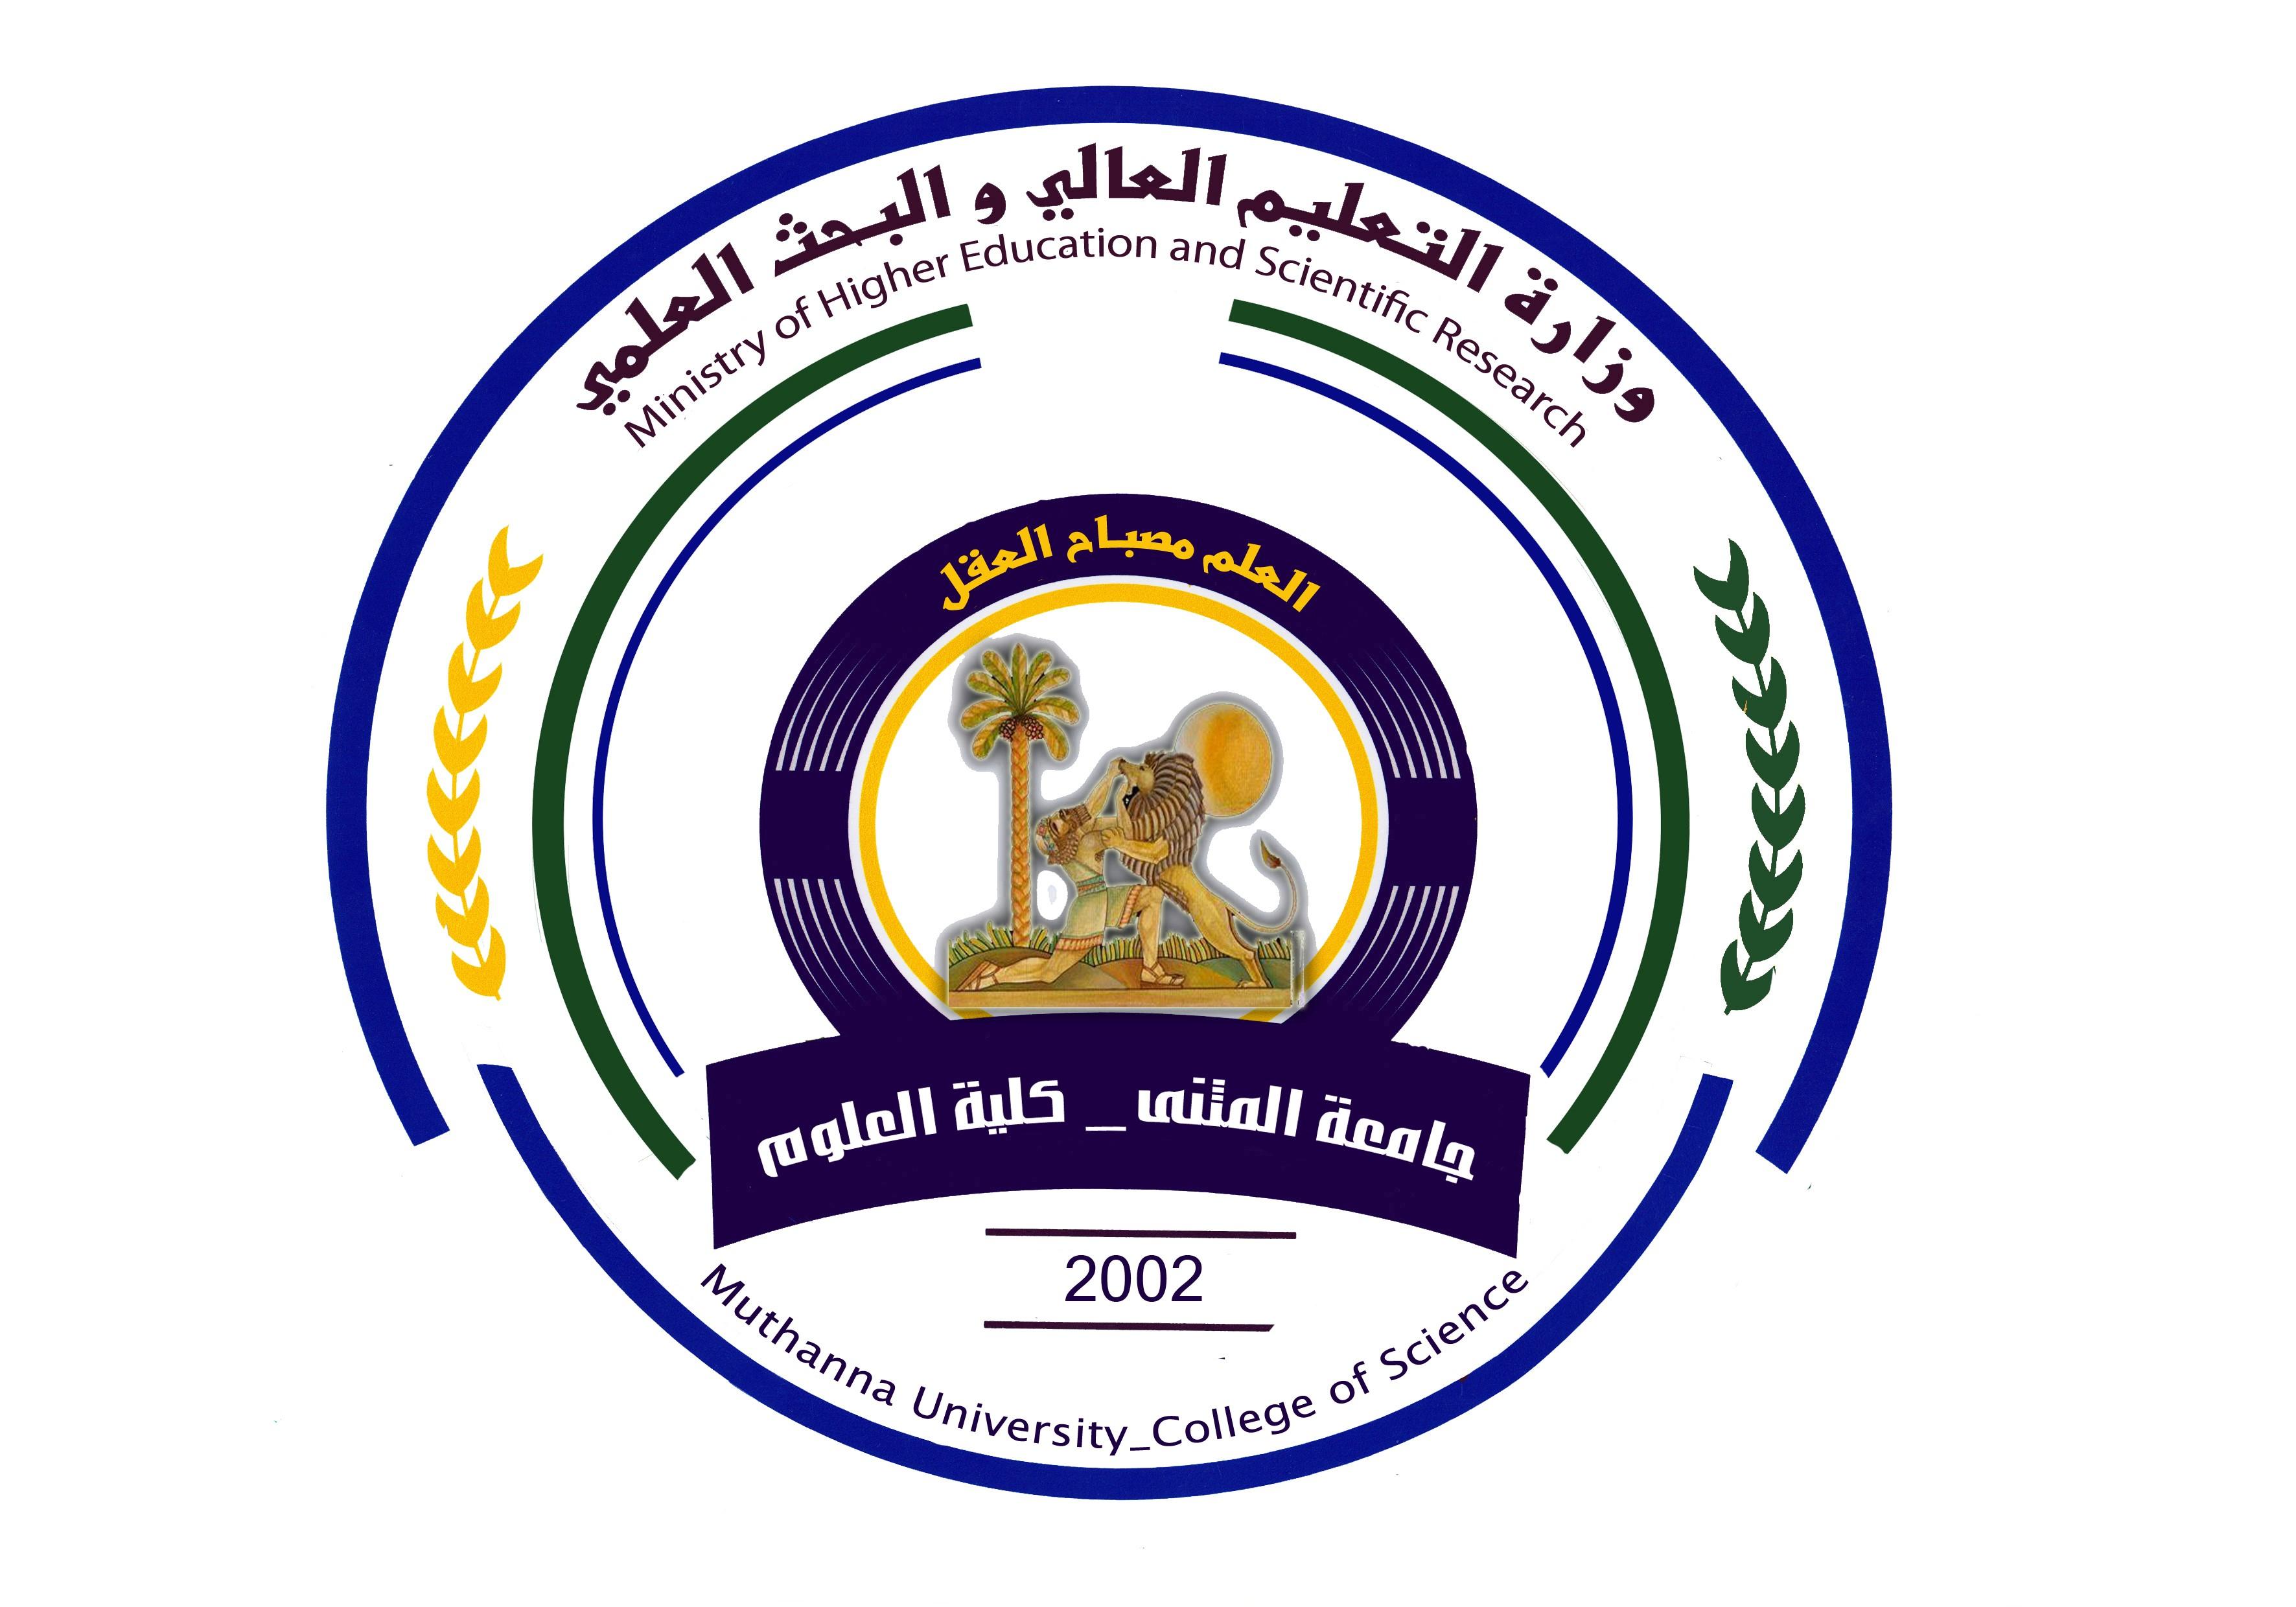 كلية العلوم جامعة المثنى